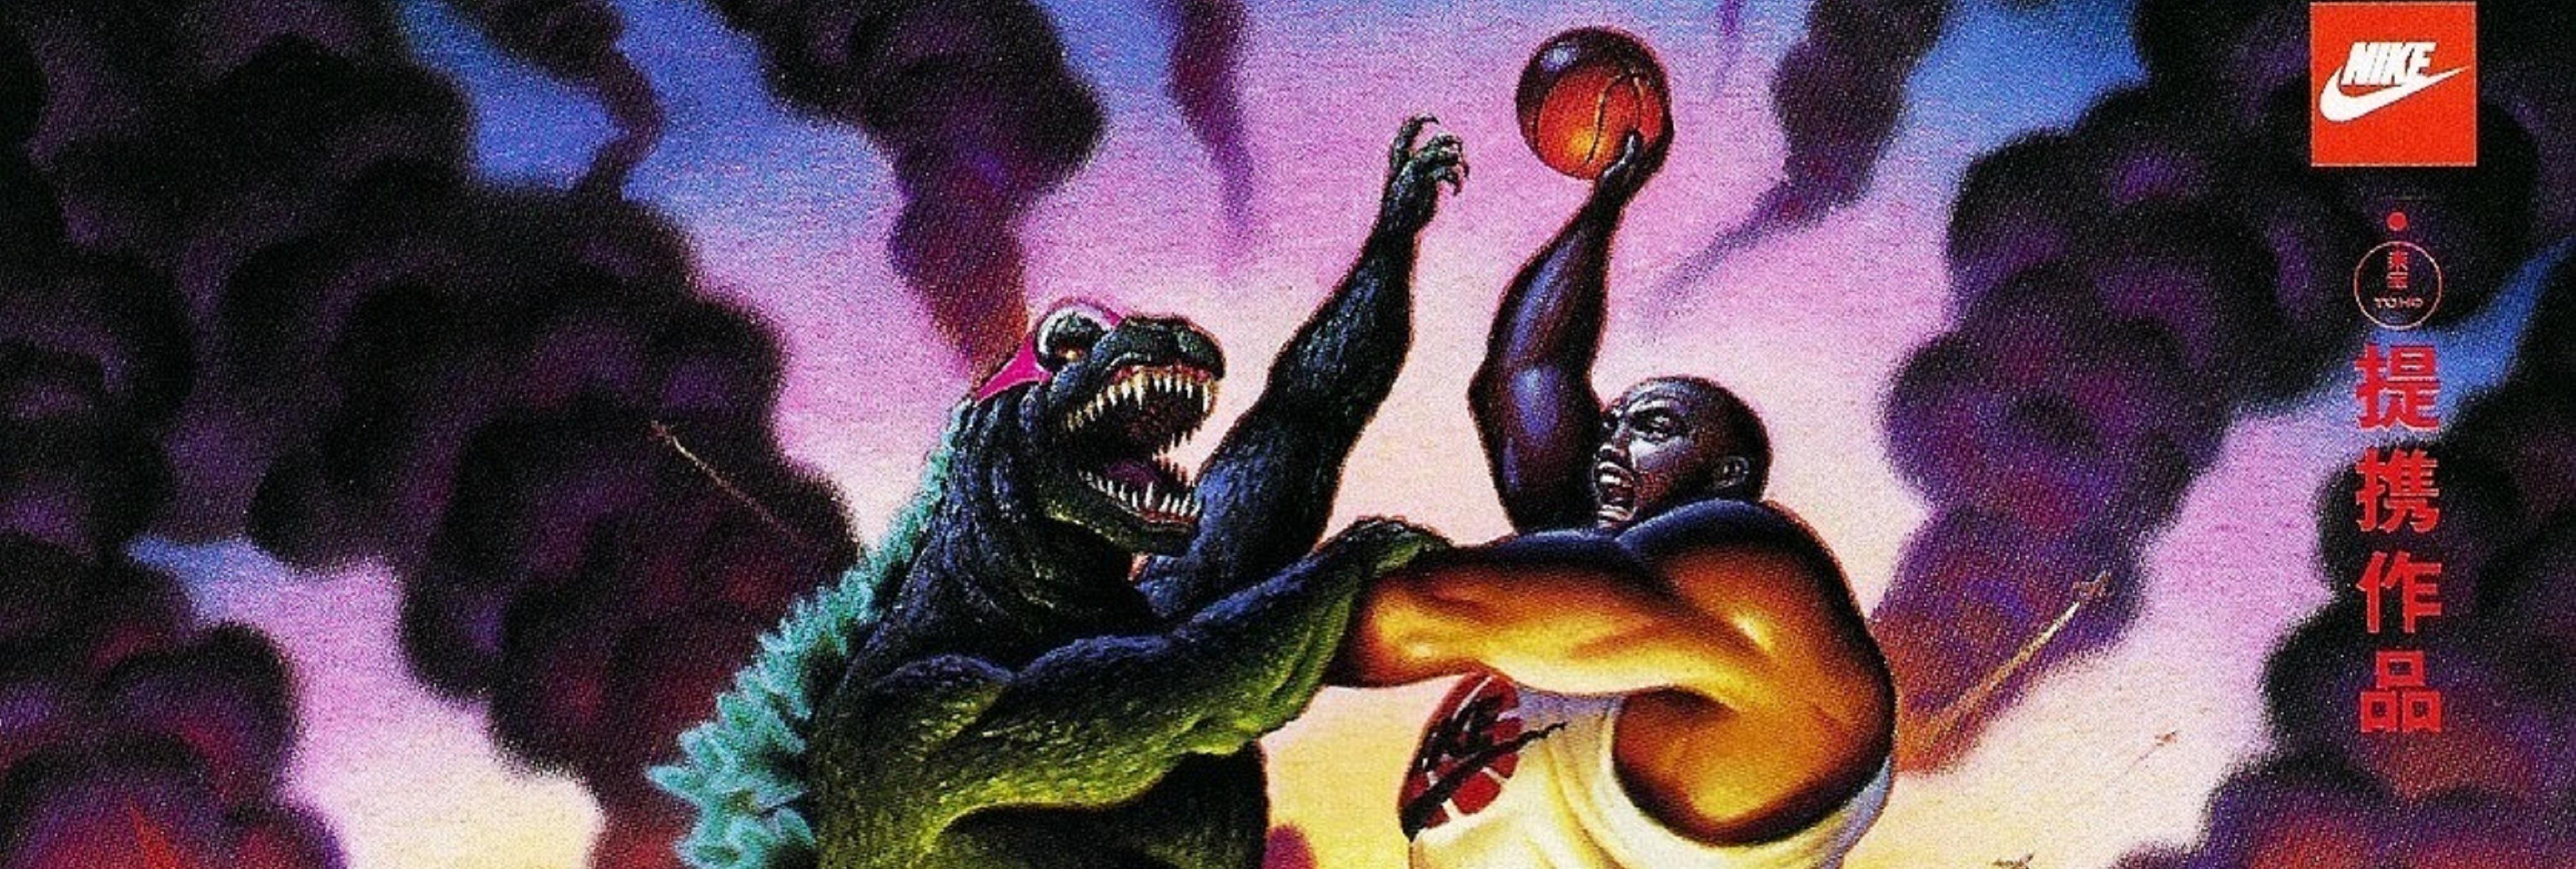 Aquella vez que Godzilla jugó al baloncesto